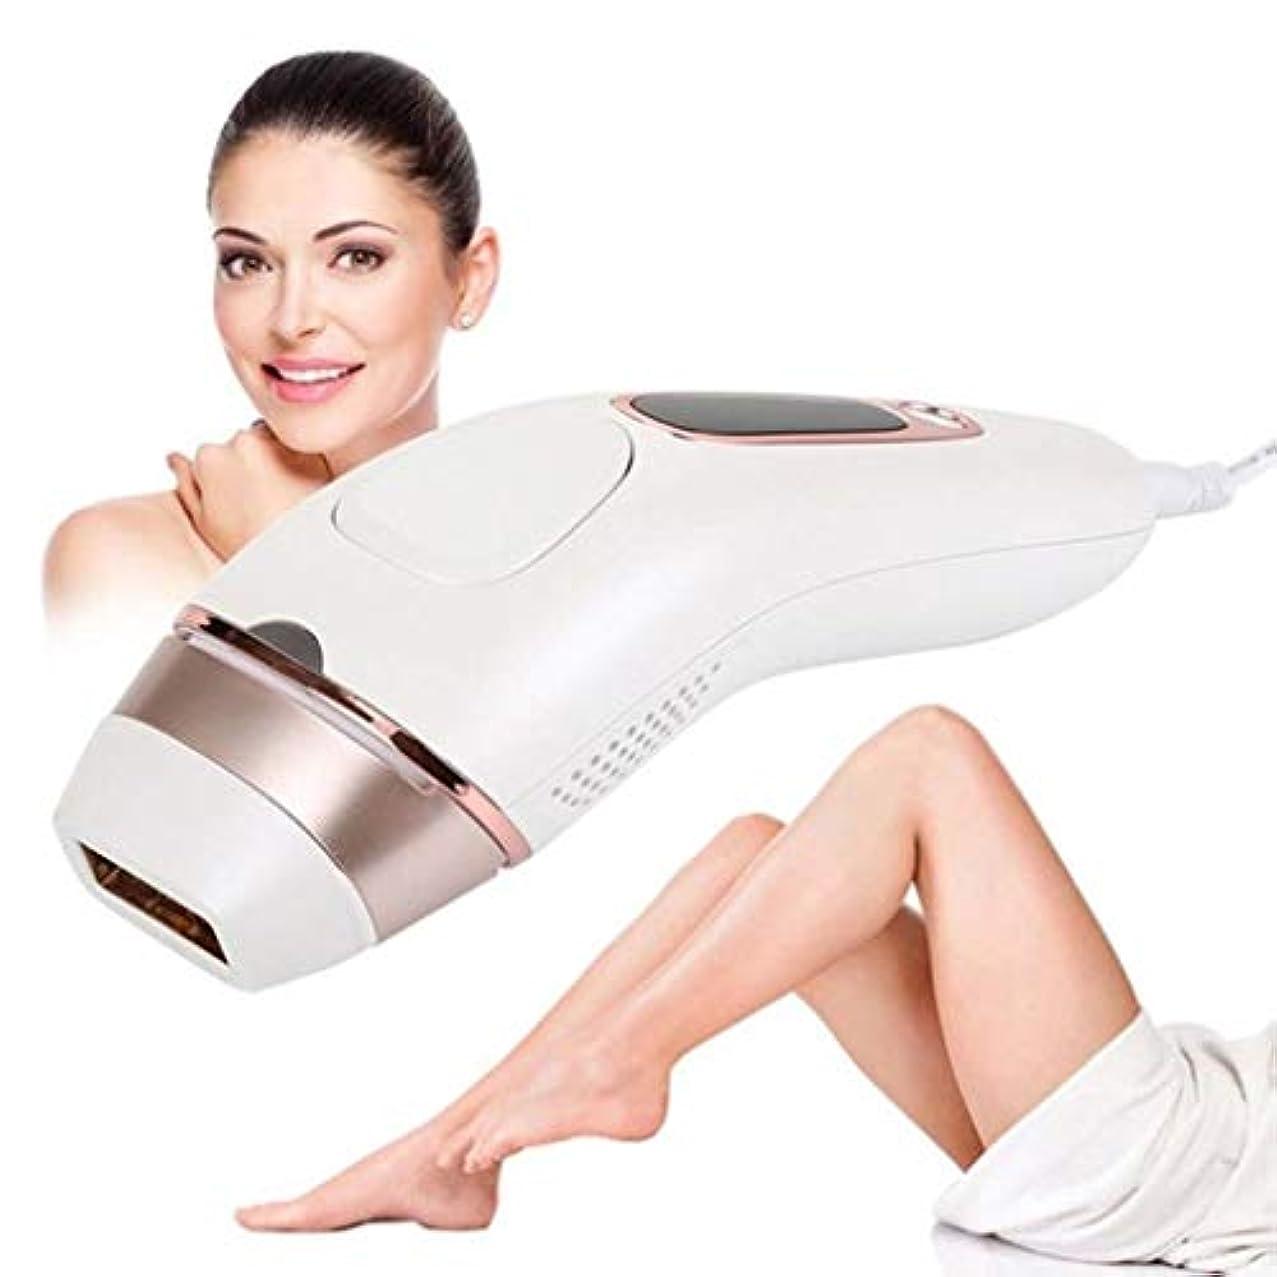 脱毛器、男女兼用IPLの毛の取り外し装置、ボディ、顔、脇の下およびビキニライン接触LCDのための永久的な毛の取り外し機械のための300,000のフラッシュ